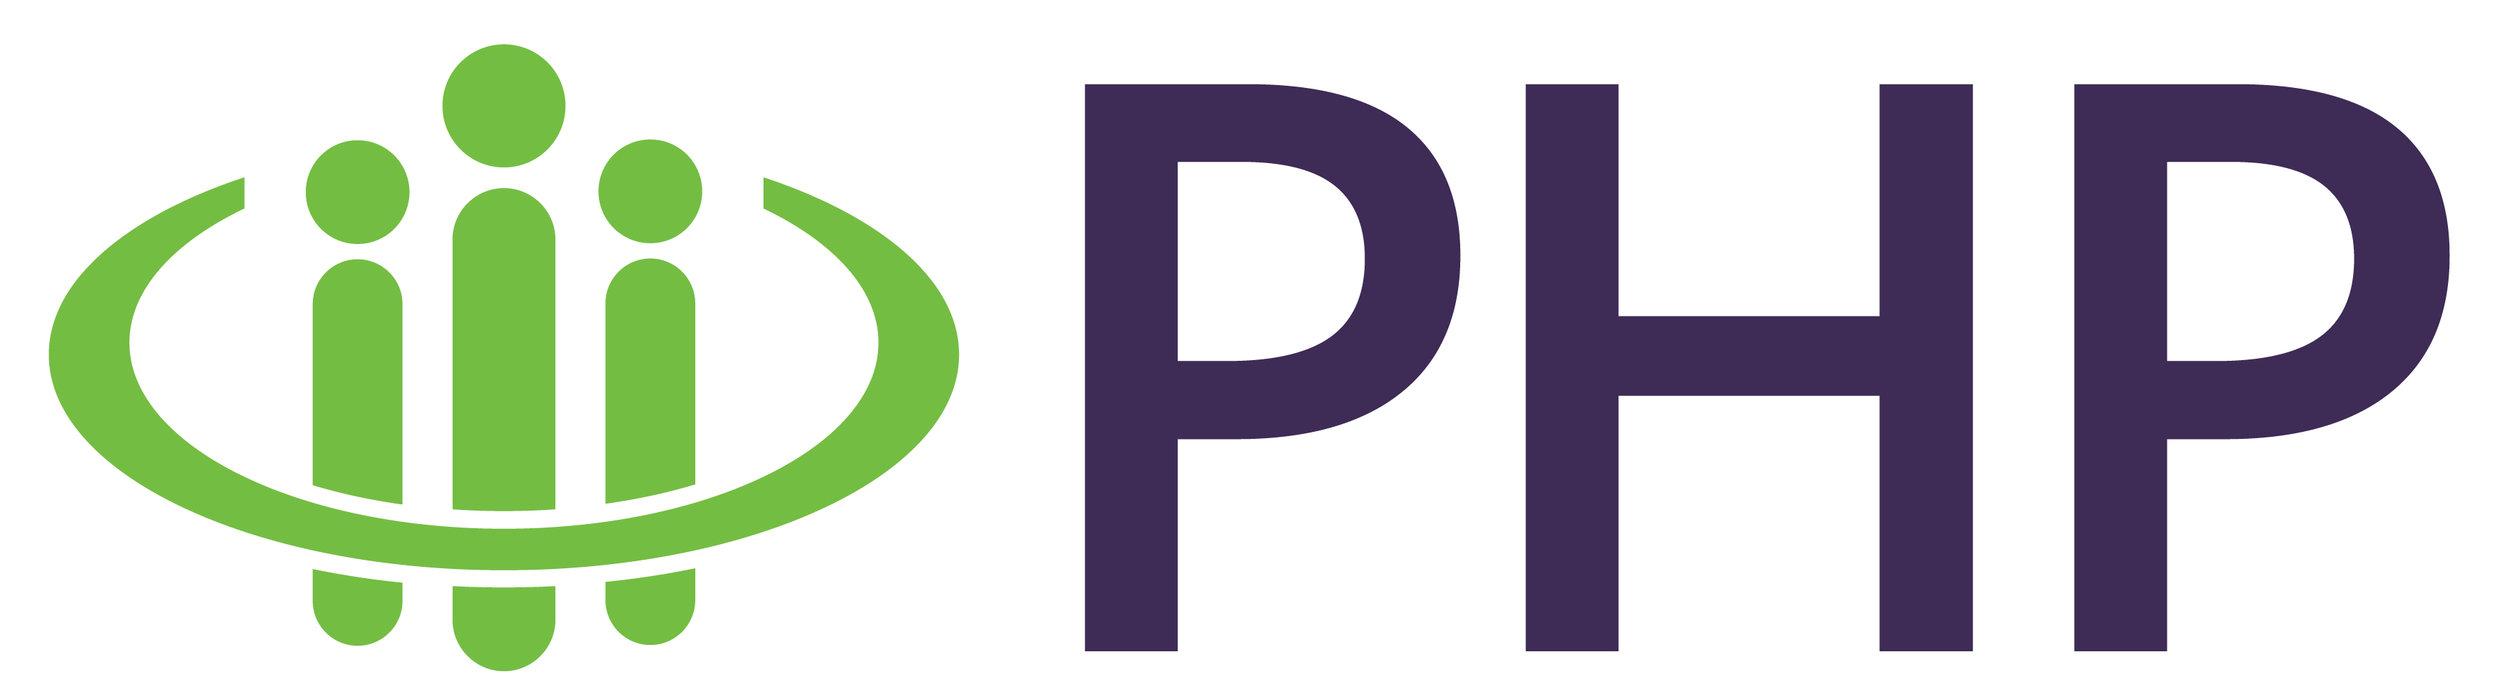 PHP-Logo-PMS-368-Green_PMS-669-Purple-Horizontal-2019.jpg